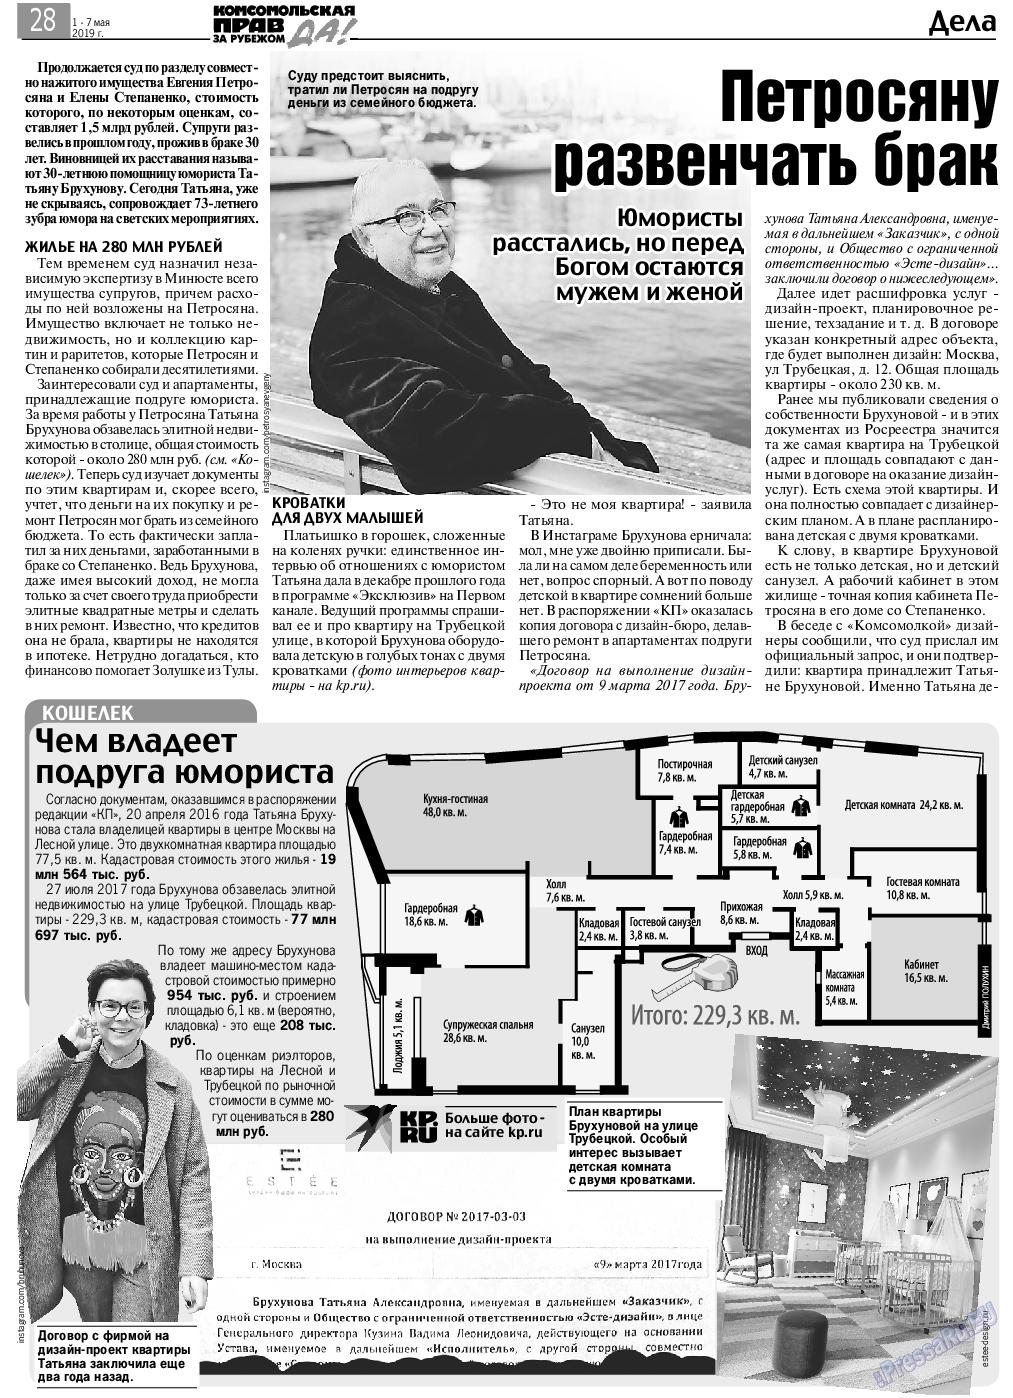 КП в Европе (газета). 2019 год, номер 18, стр. 28